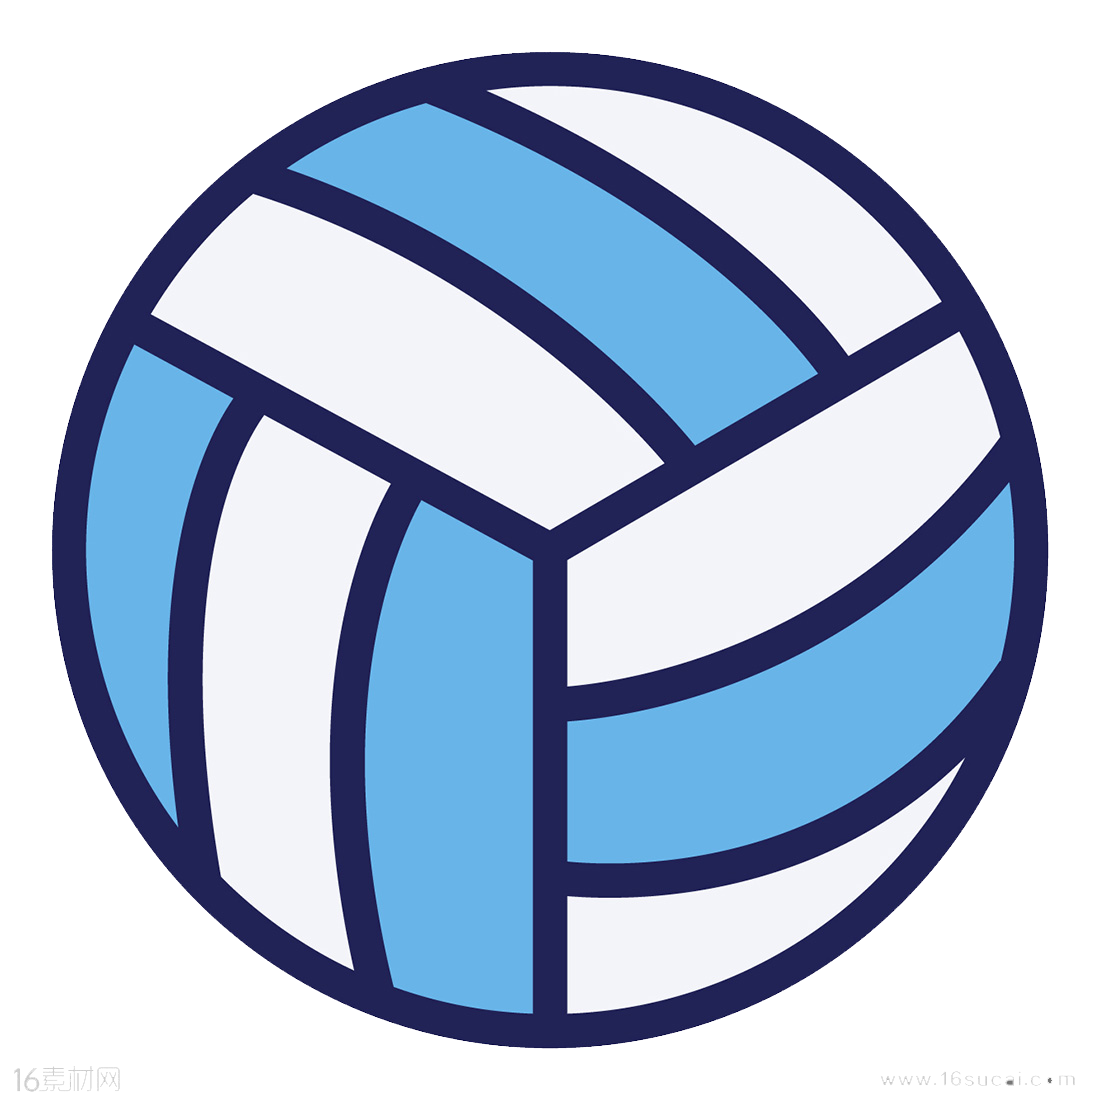 T shirt logo sport. Volleyball clipart teal